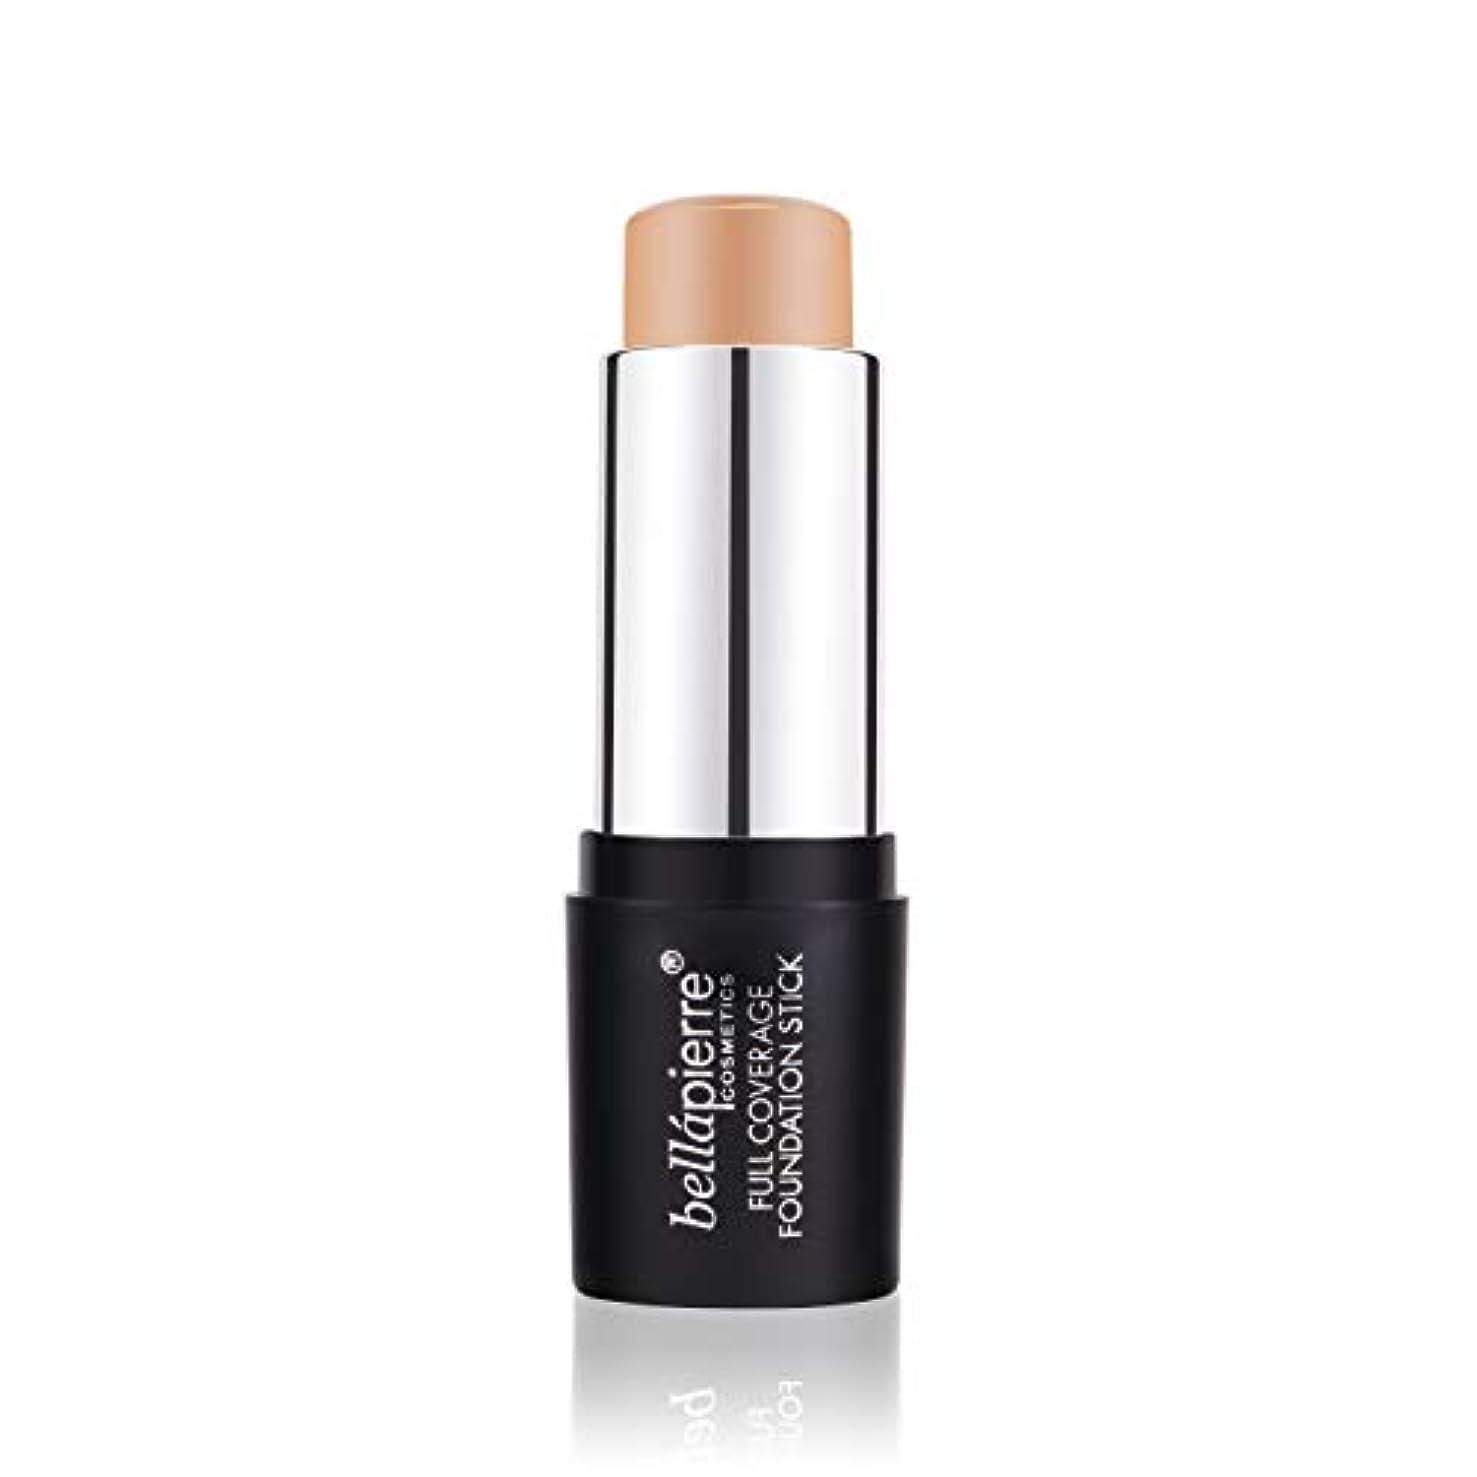 振り子引き潮封建Bellapierre Cosmetics Full Coverage Foundation Stick - # Dark 10g/0.35oz並行輸入品